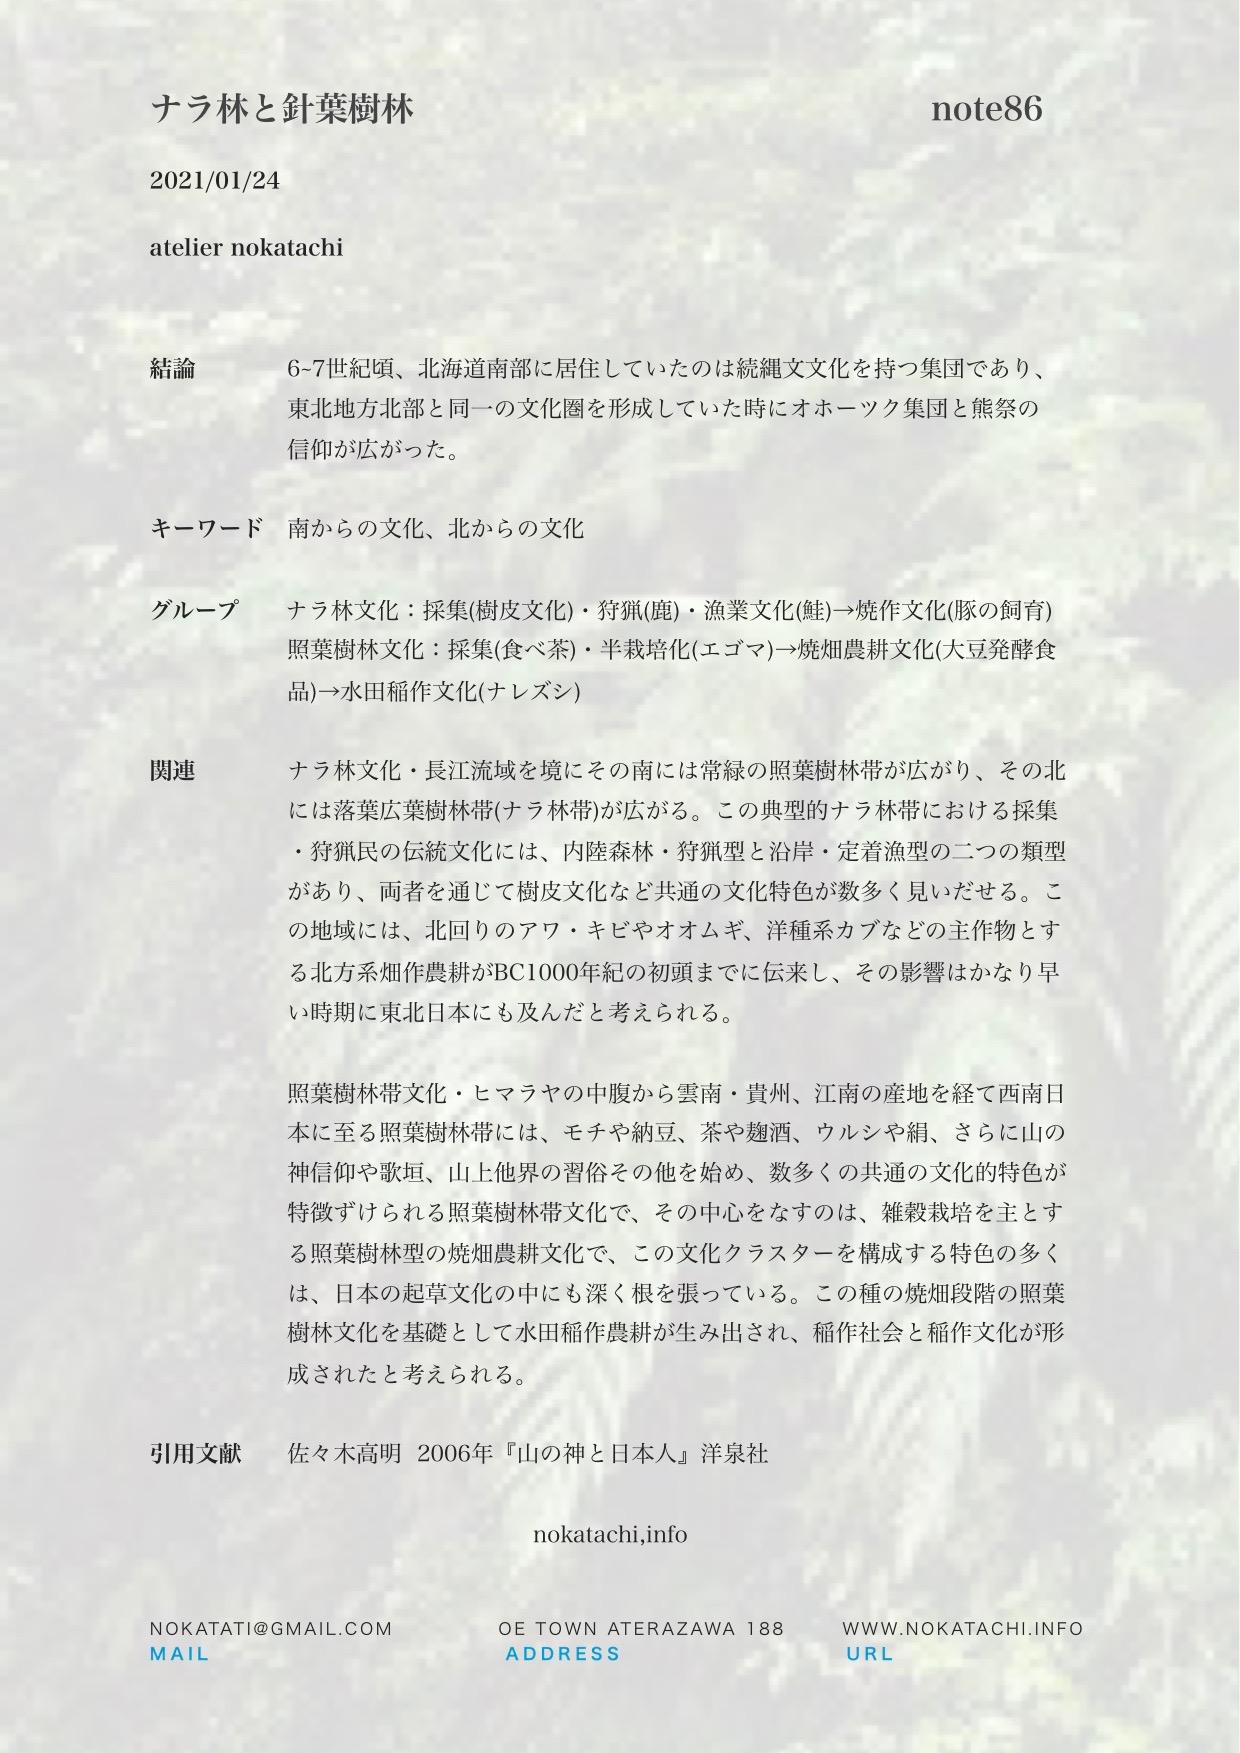 【レポート】ナラ林と針葉樹林